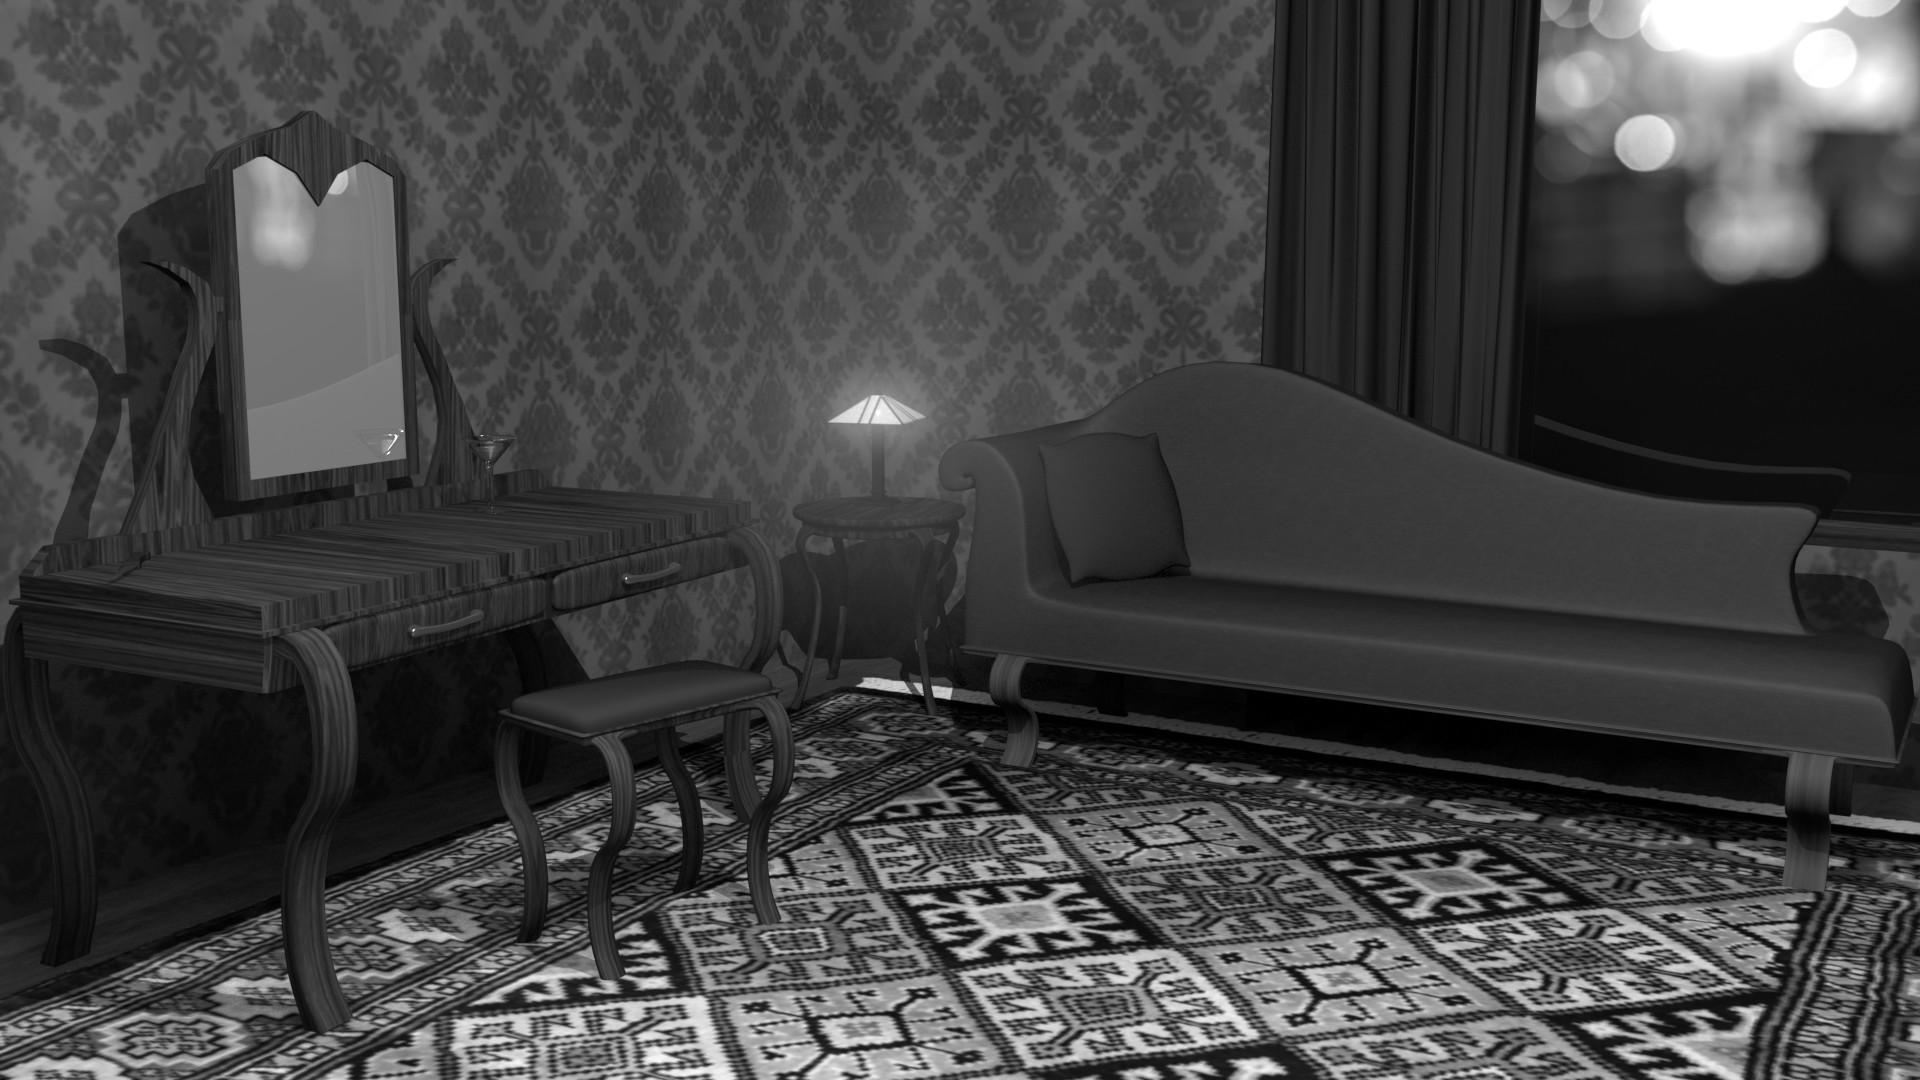 Film Noir Room – Black & White